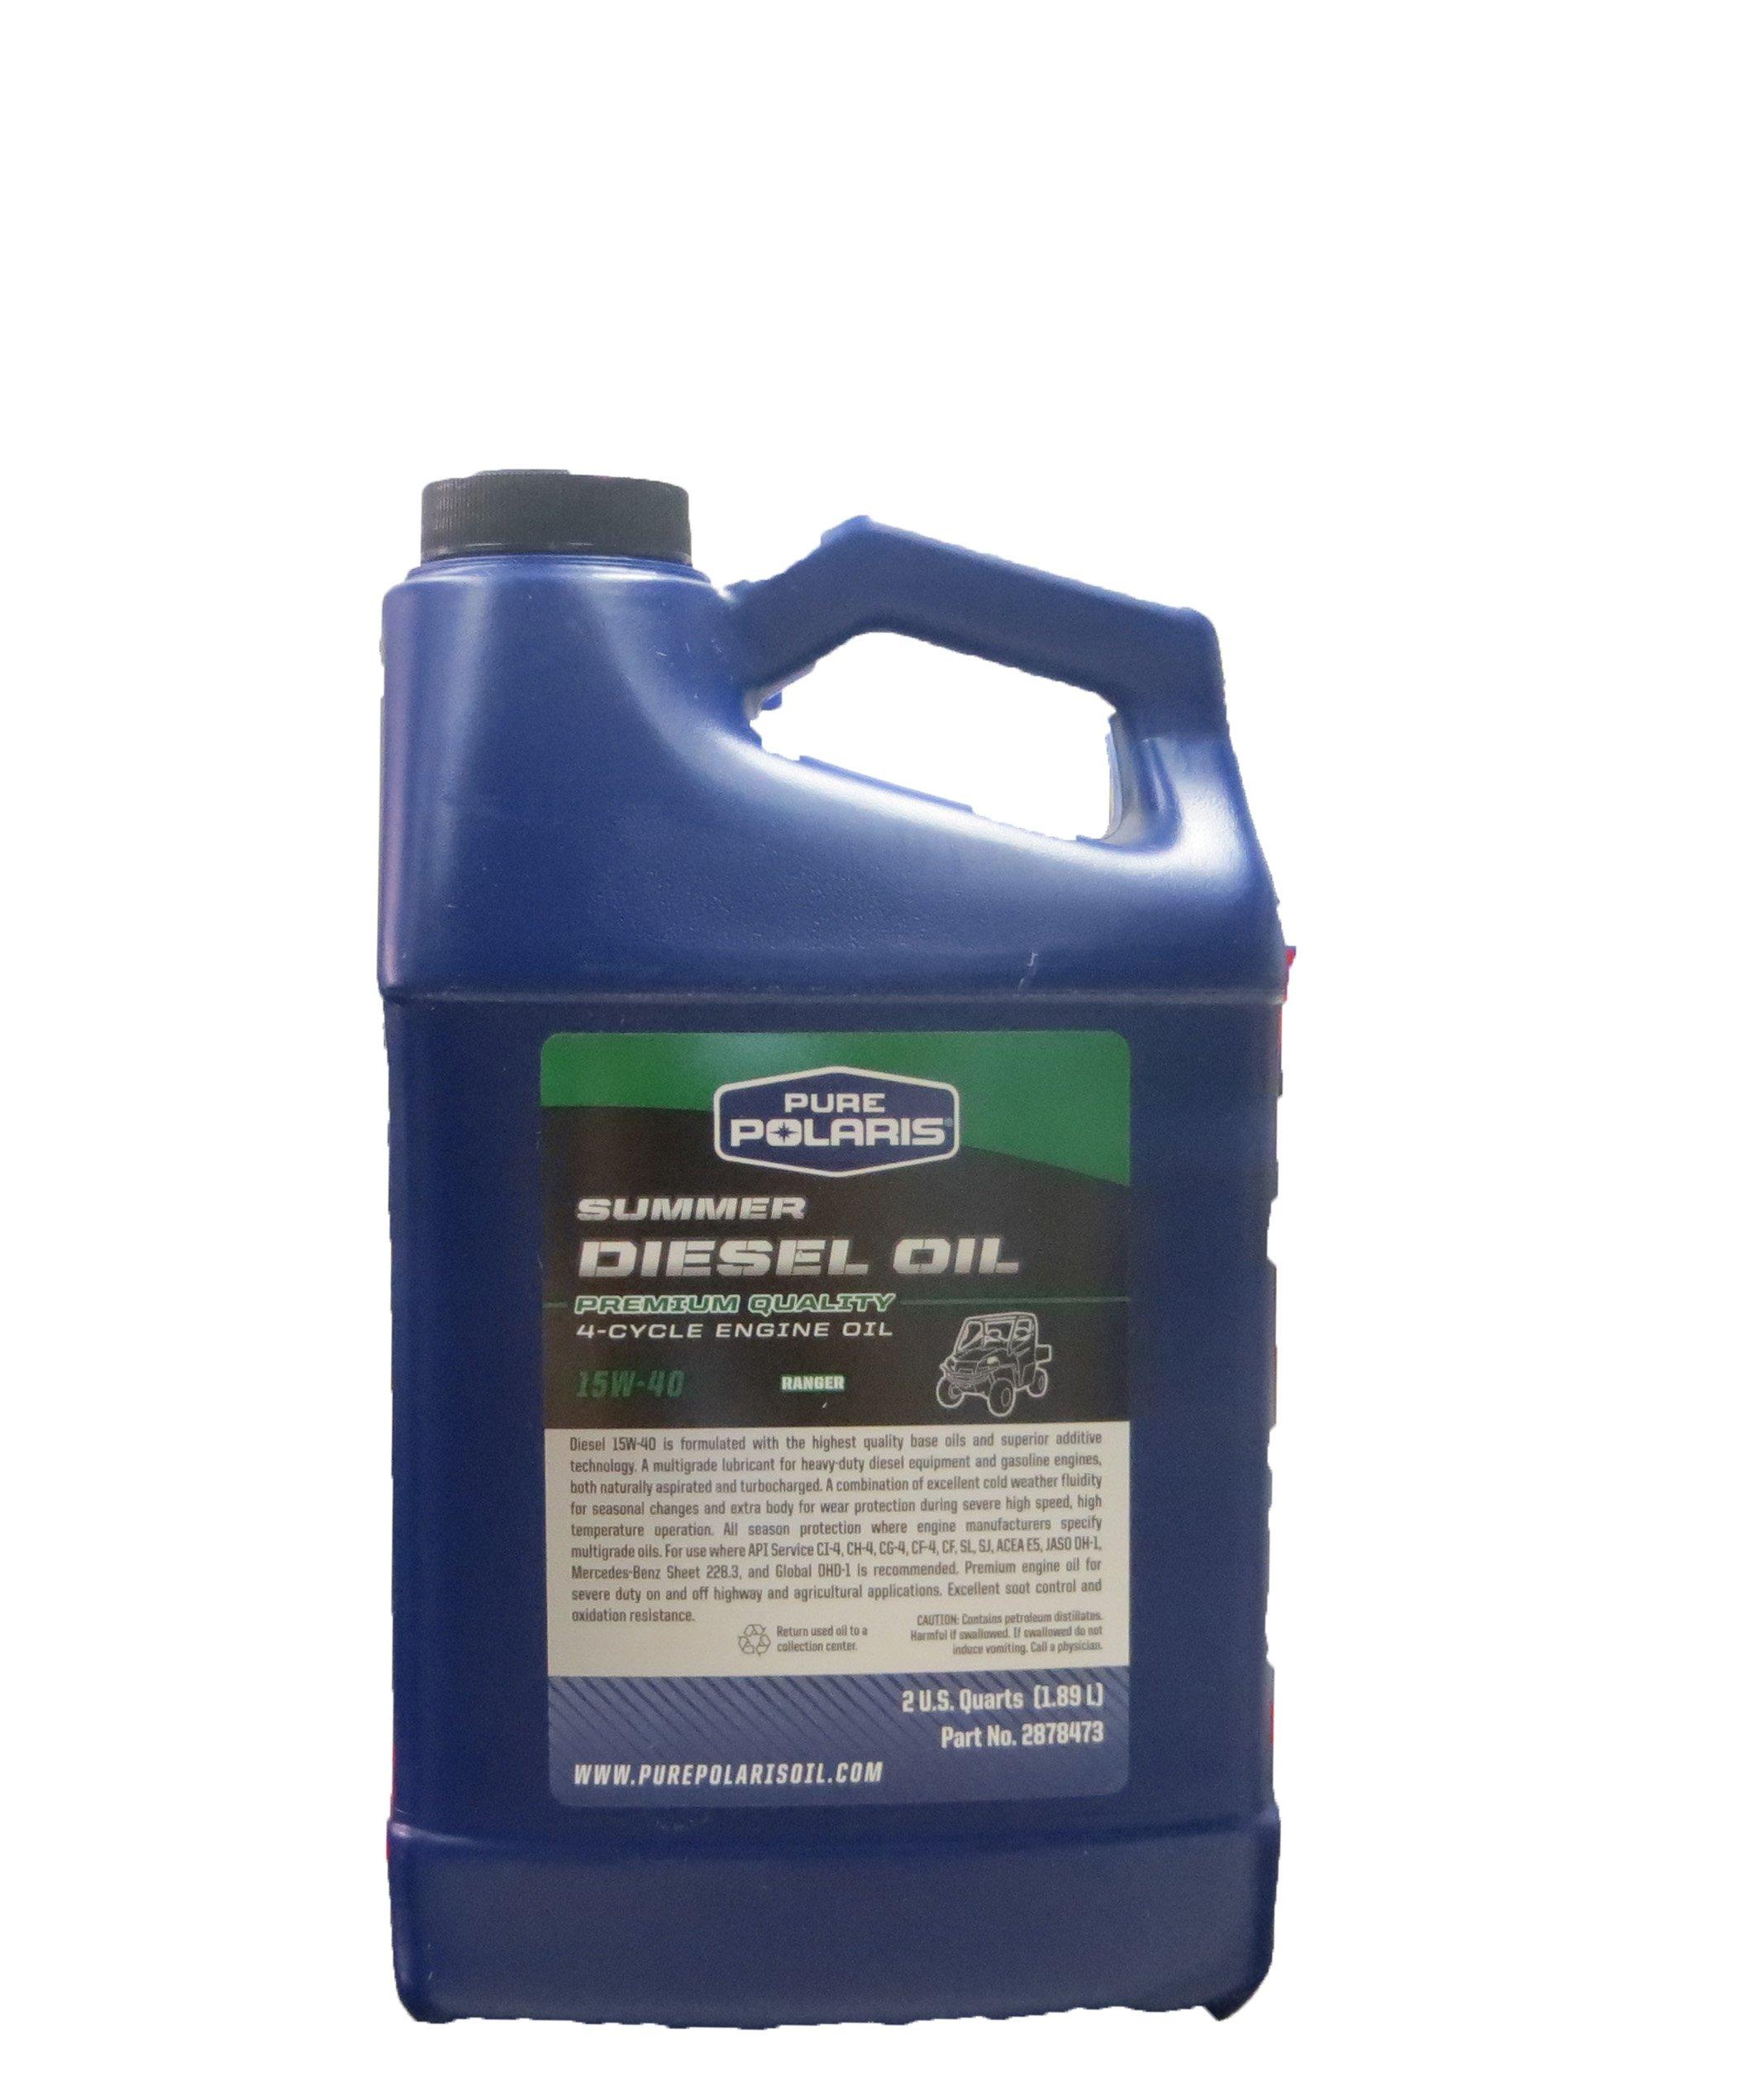 Polaris Diesel Oil, 2 Quart Bottle